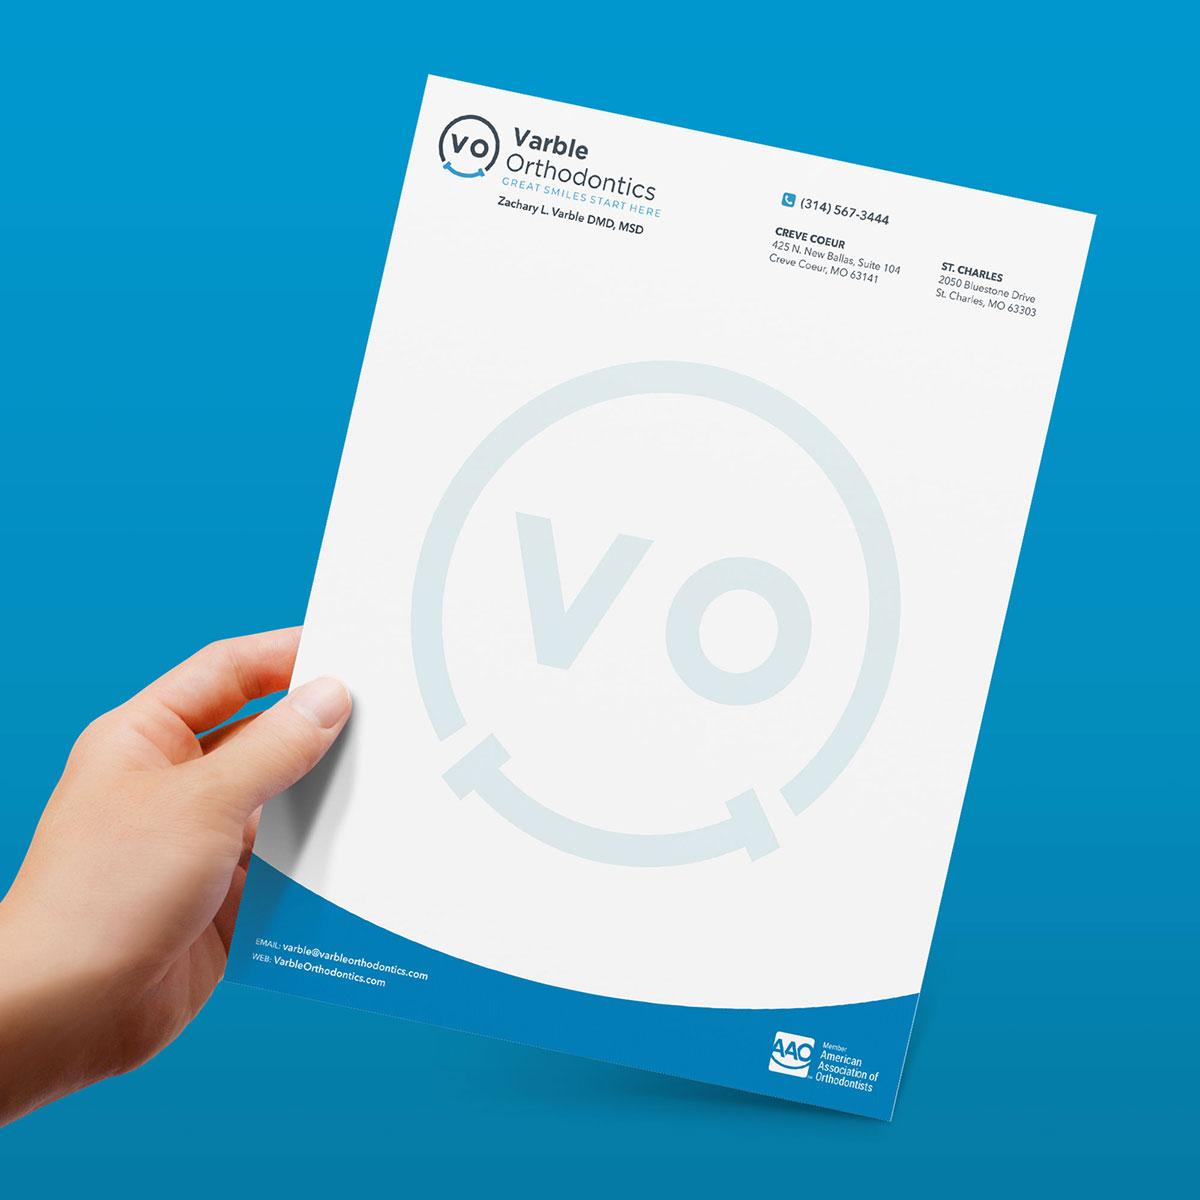 VO letterhead design